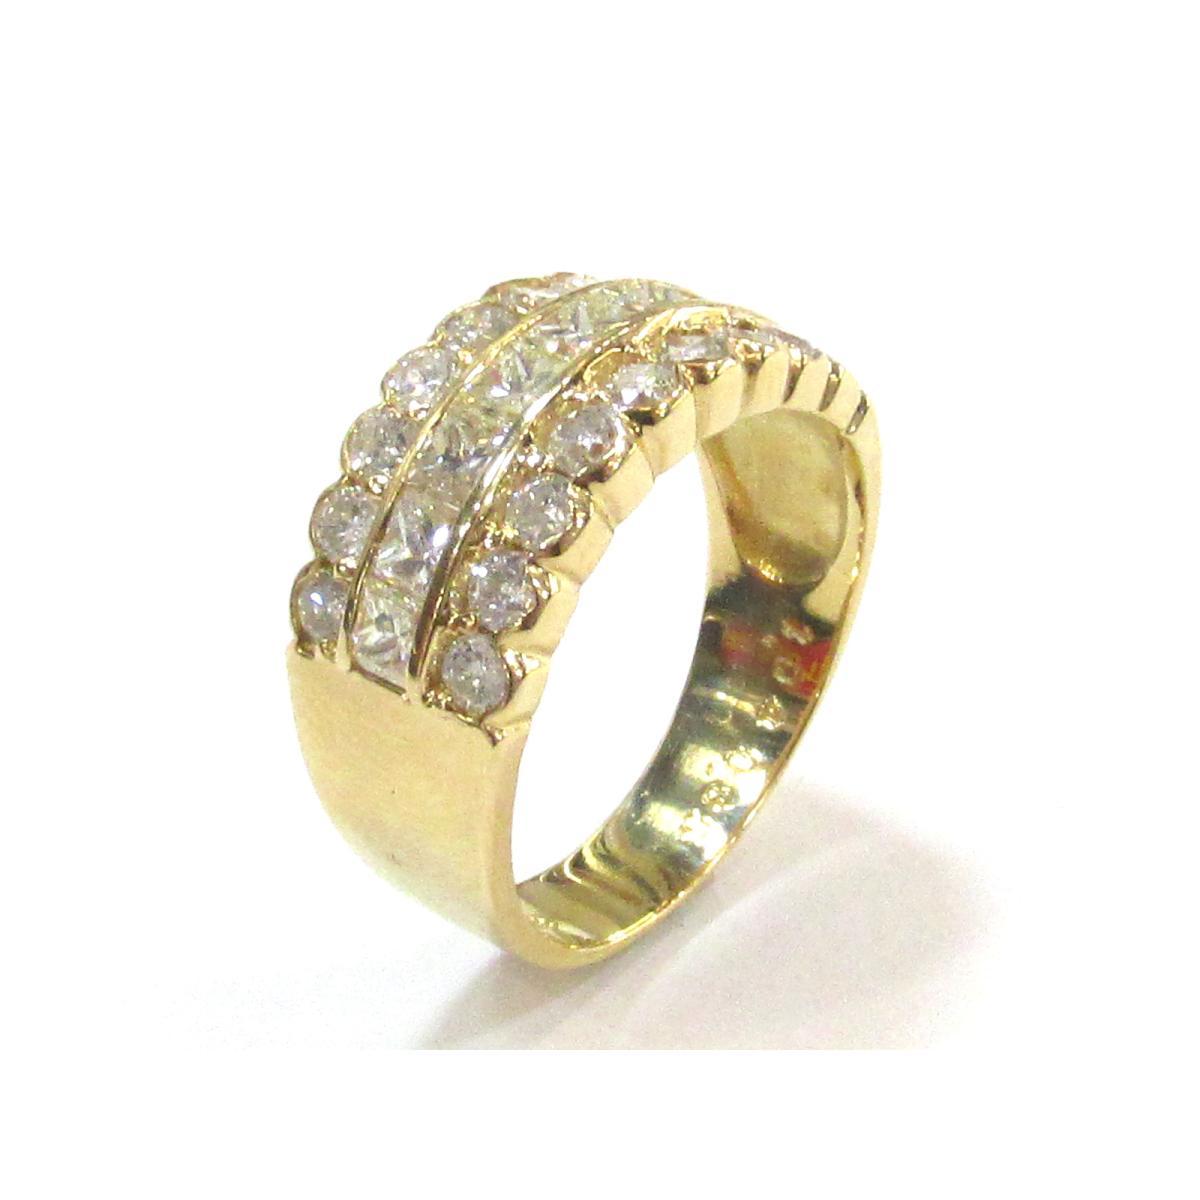 【中古】 ジュエリー ダイヤモンドリング 指輪 レディース K18YG (750) イエローゴールド x ダイヤモンド (1.04ct 0.85ct) | JEWELRY リング K18 18K 18金 リング 美品 ブランドオフ BRANDOFF